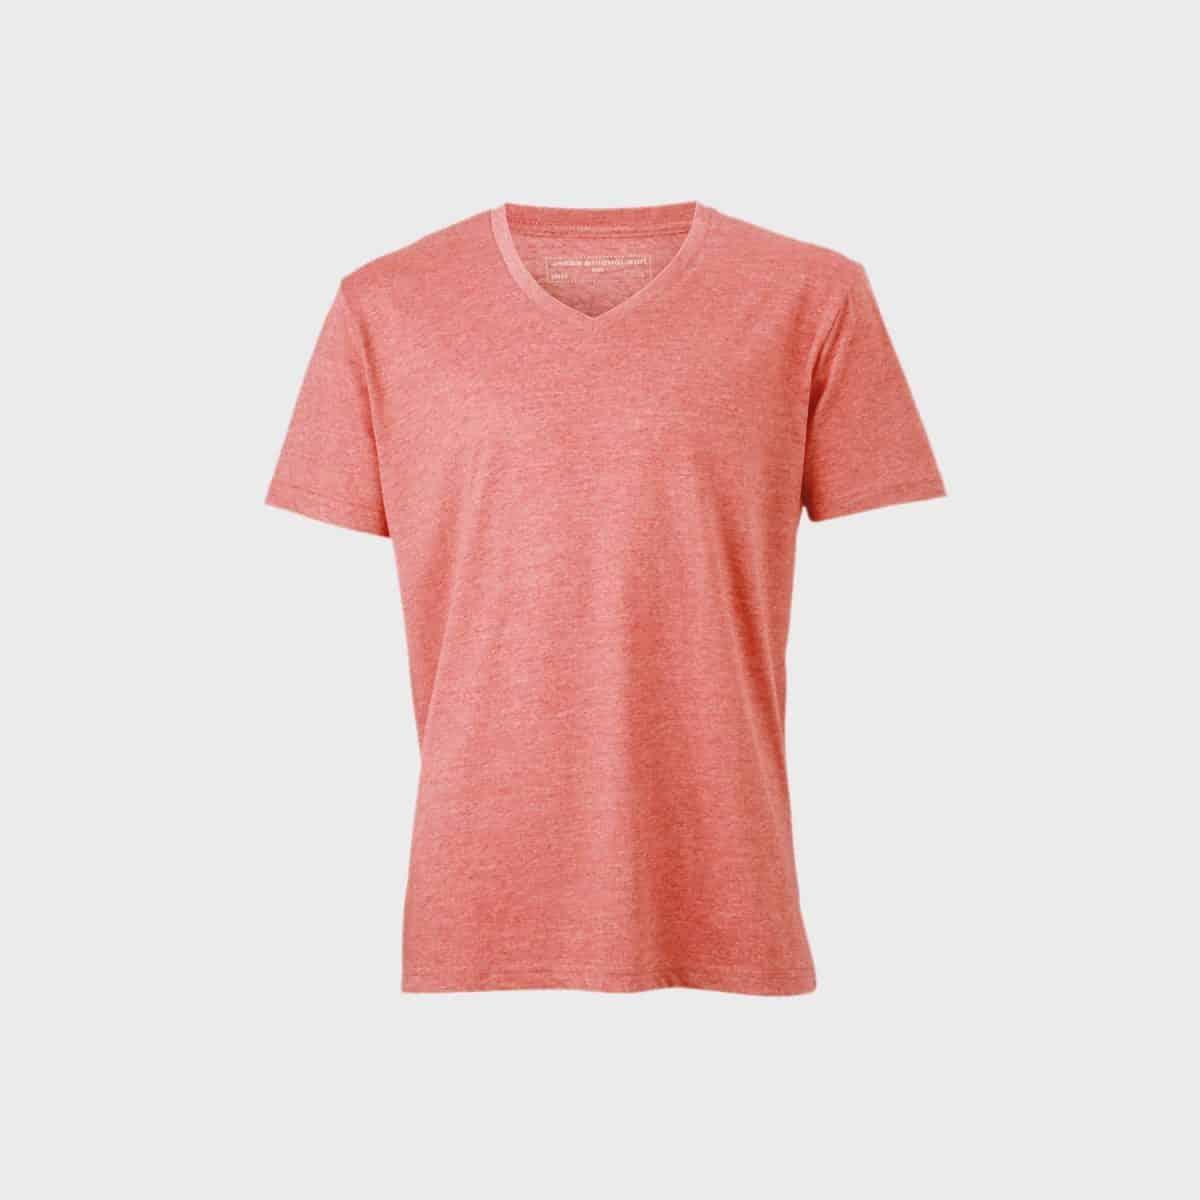 Daiber T Shirts JN974 Redmelange Front